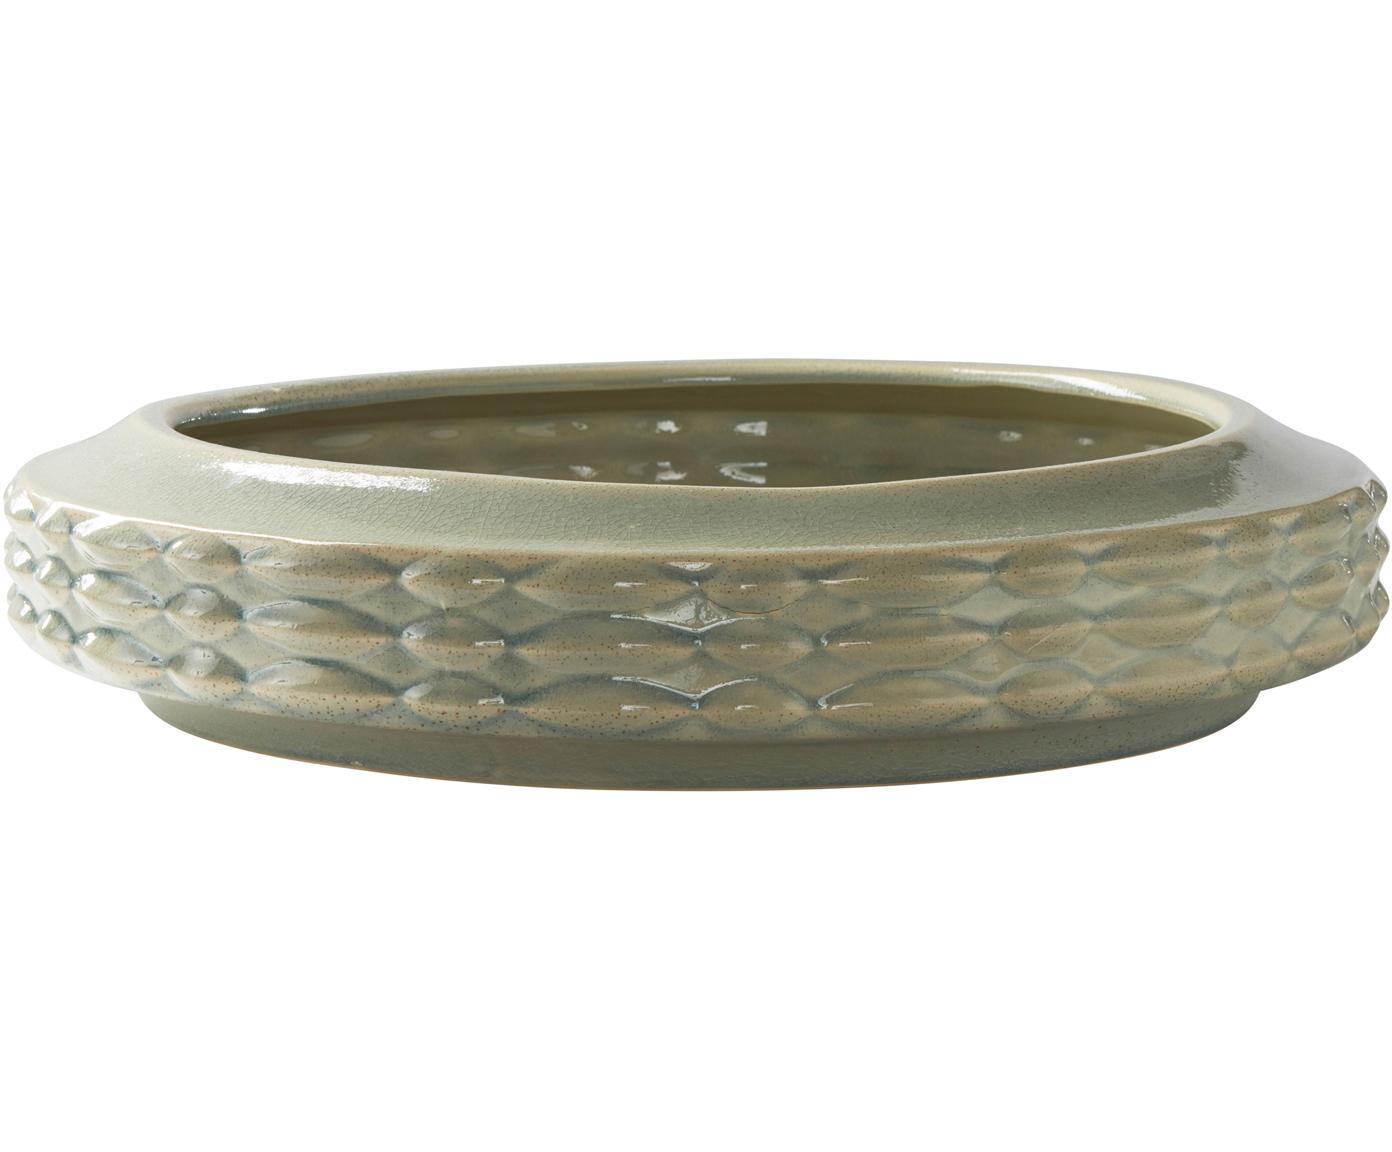 Handgefertigte Schale Lovis, Ø 54cm, Keramik, glasiert, Grün, Ø 54 x H 11 cm